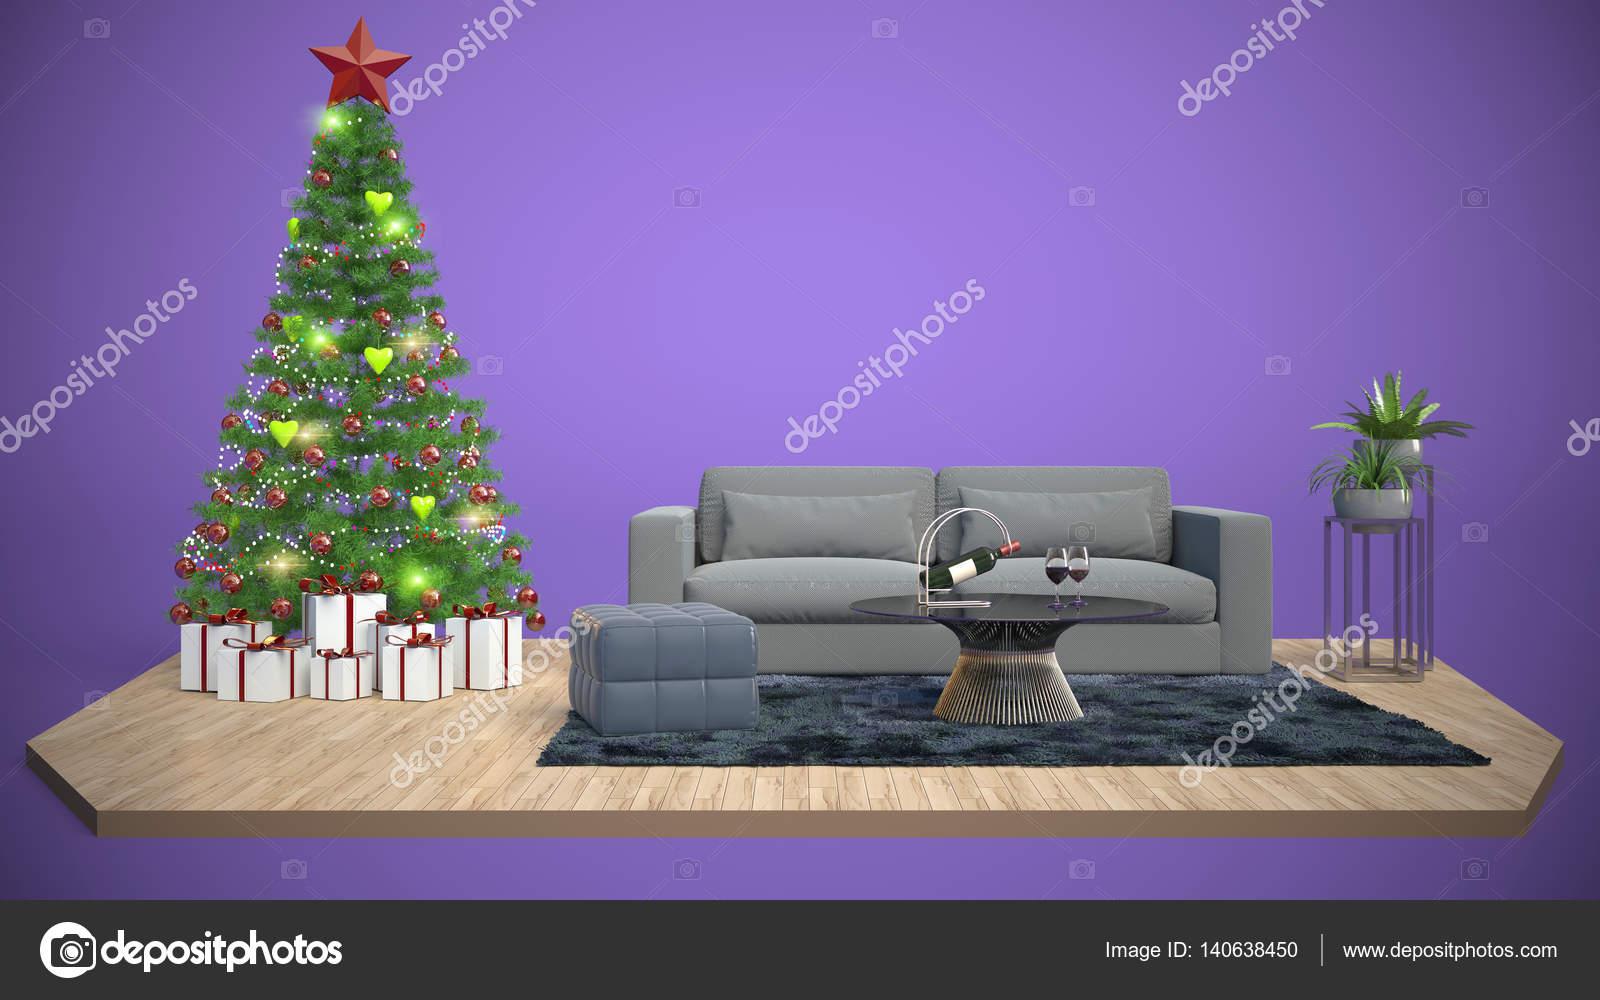 Rbol De Navidad Y Muebles Ilustraci N 3d Foto De Stock  # Muebles Cuento De Hadas